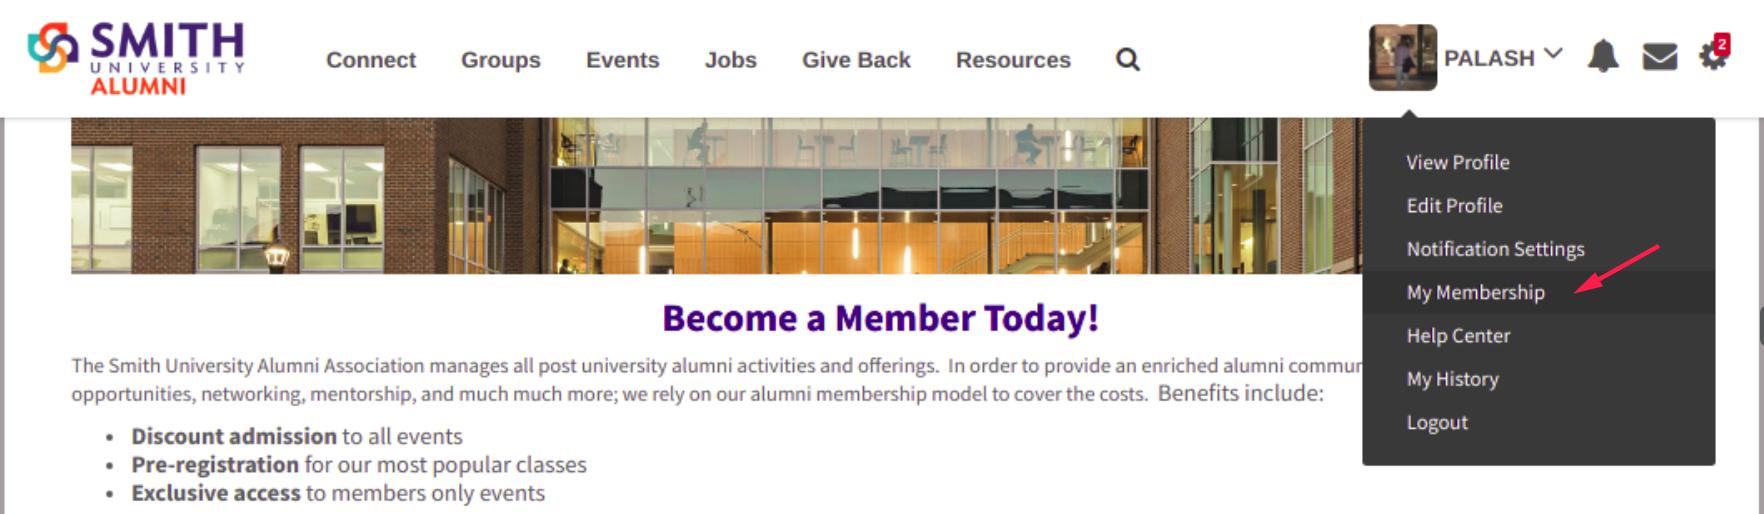 My-Membership